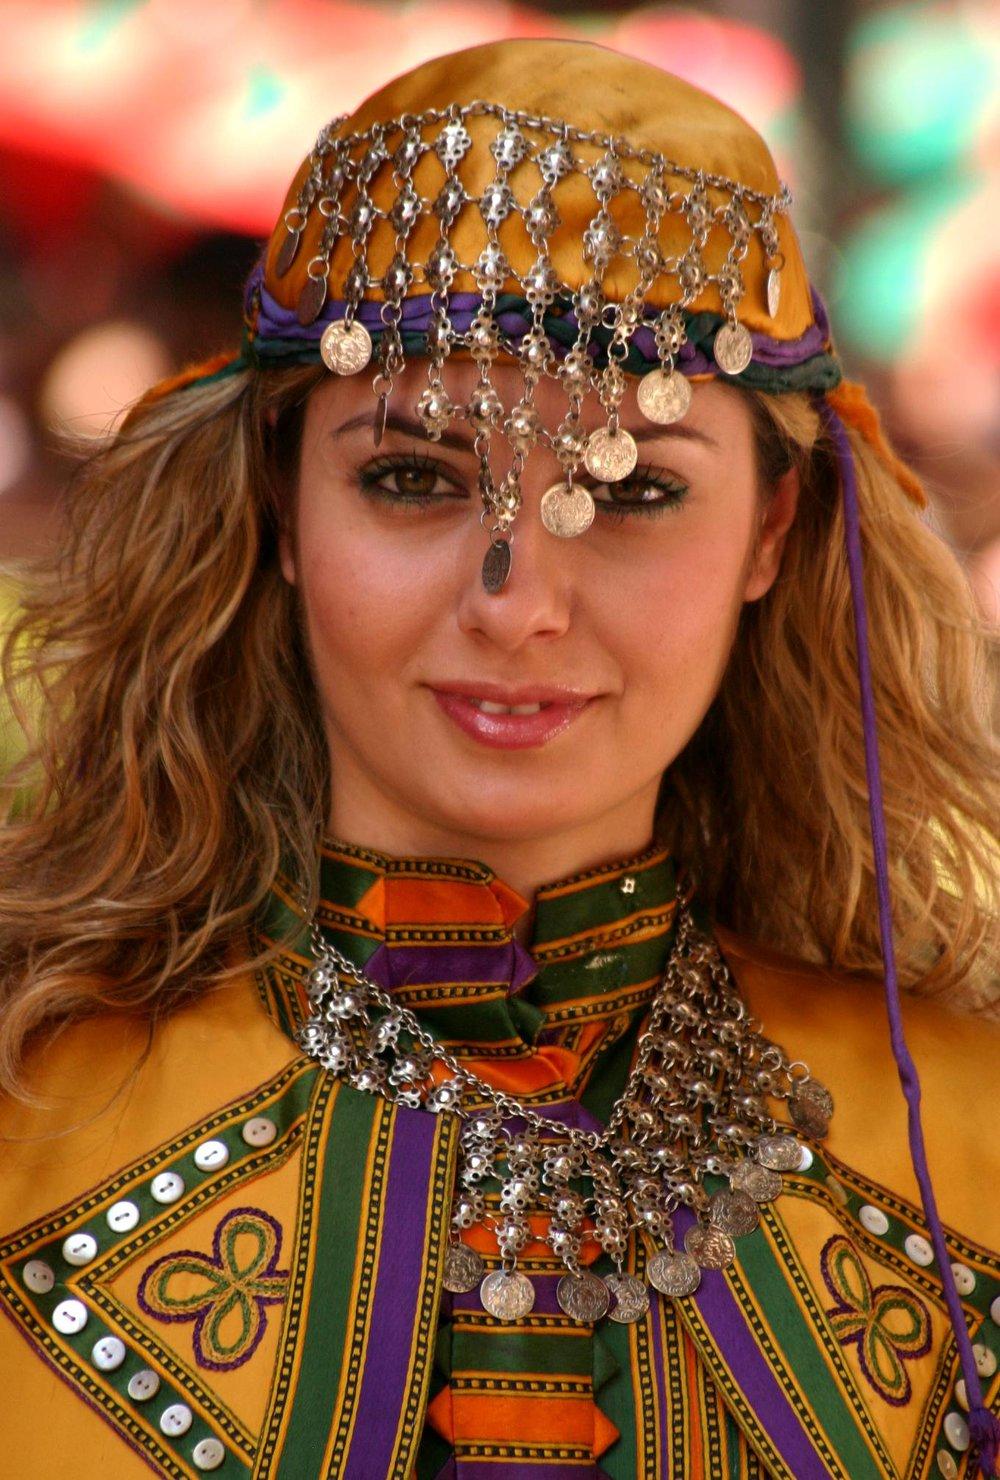 Turkish_traditional_fashion8.jpg